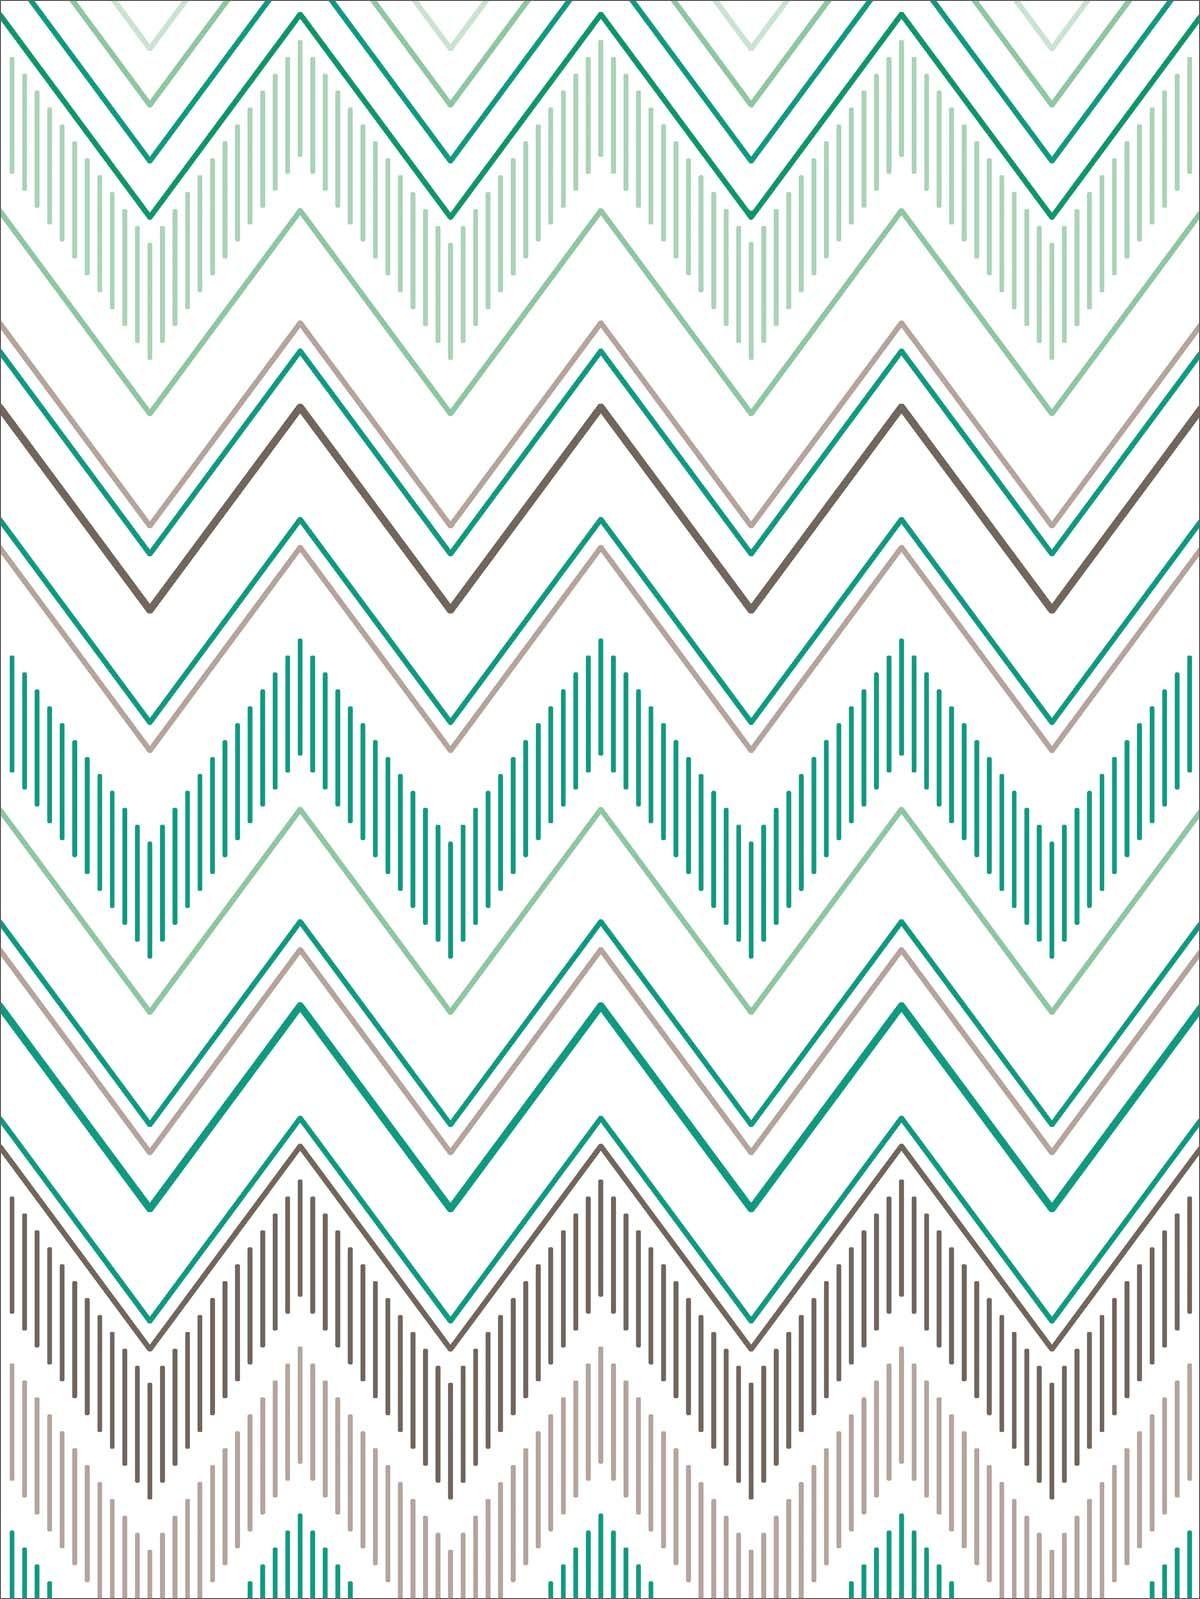 teal chevron Chevron pattern wallpaper, Print patterns